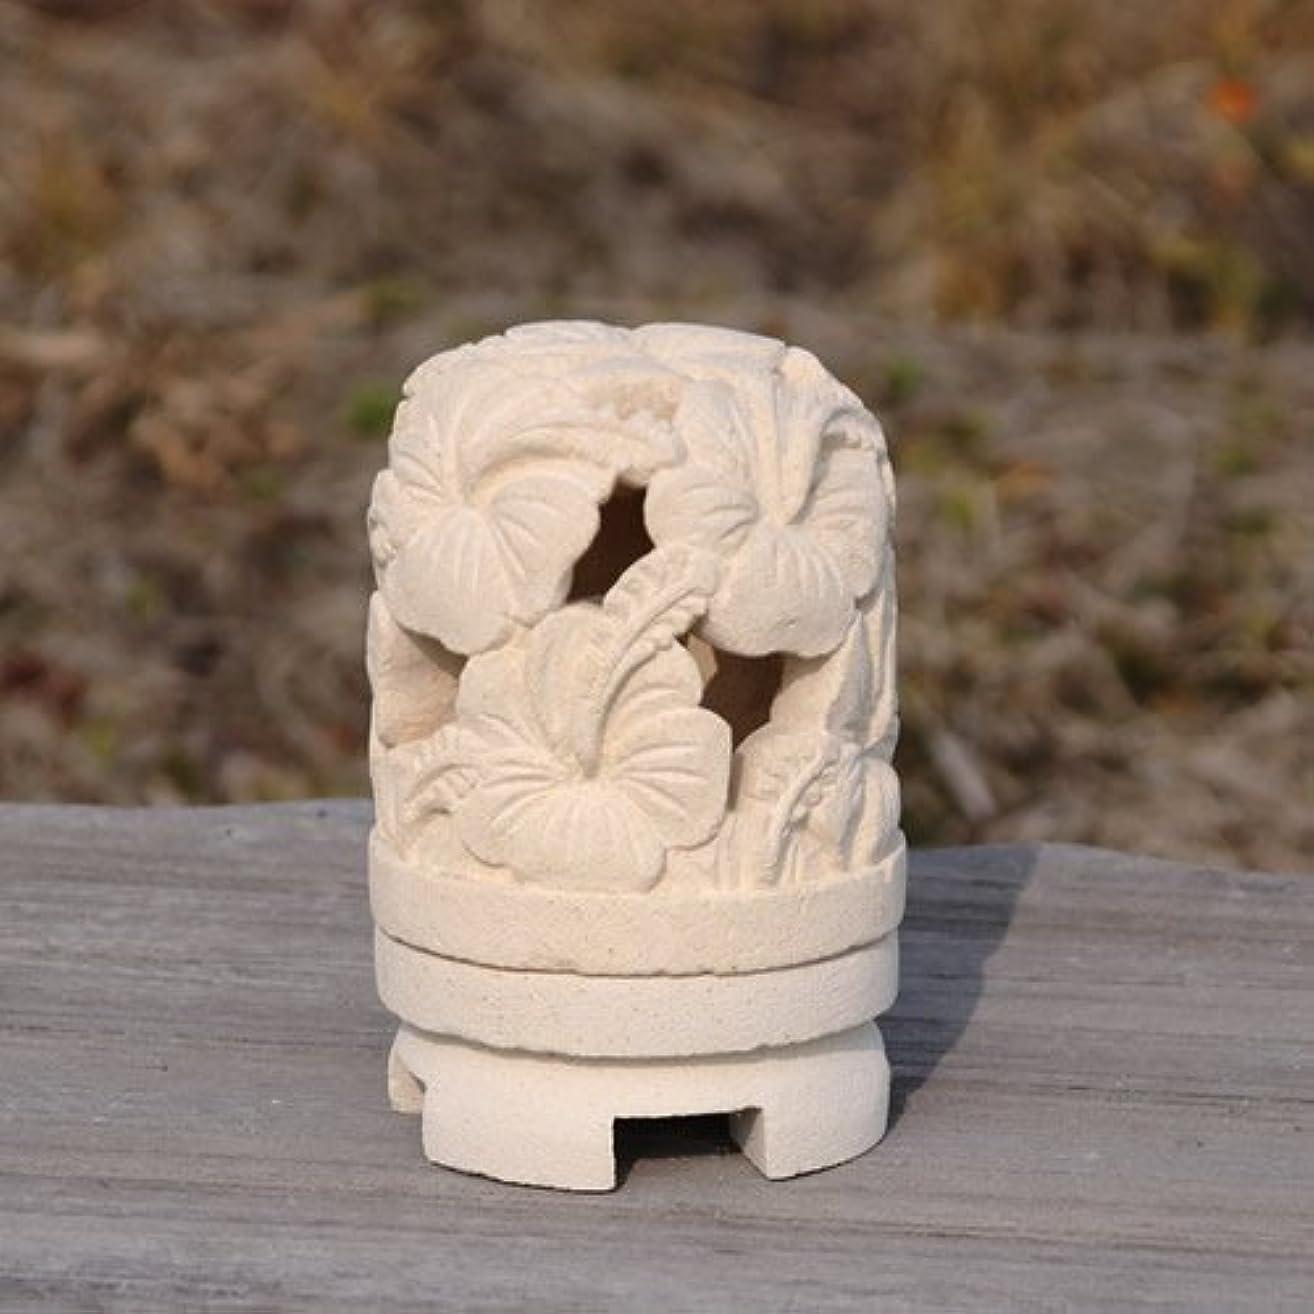 インドパン言語ライムストーンで出来たハンドメイドの丸いキャンドルホルダー (タイプB(ハイビスカス))